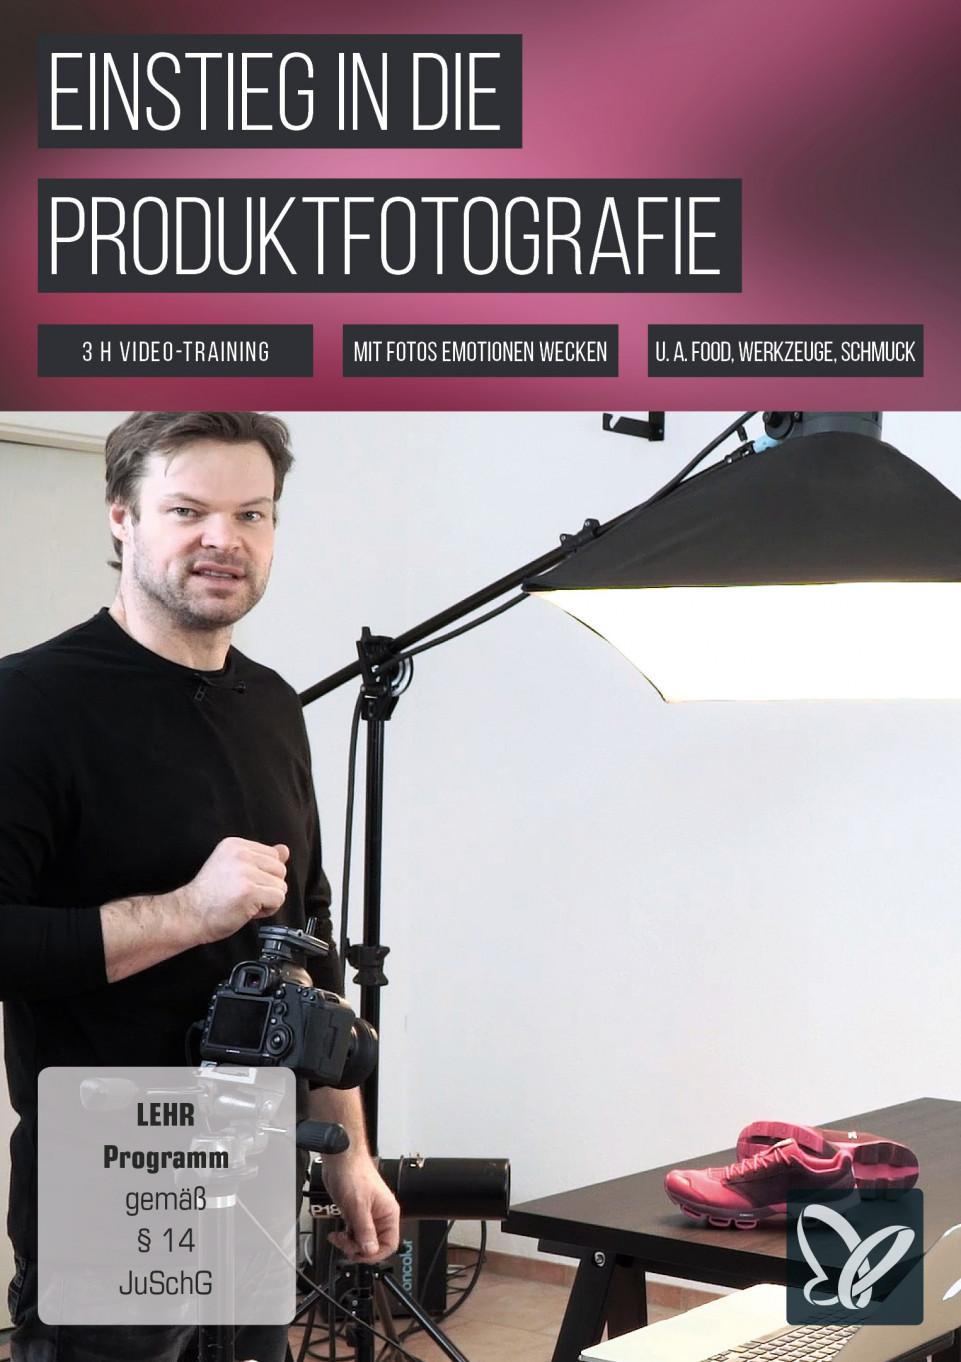 Einstieg in die Produktfotografie